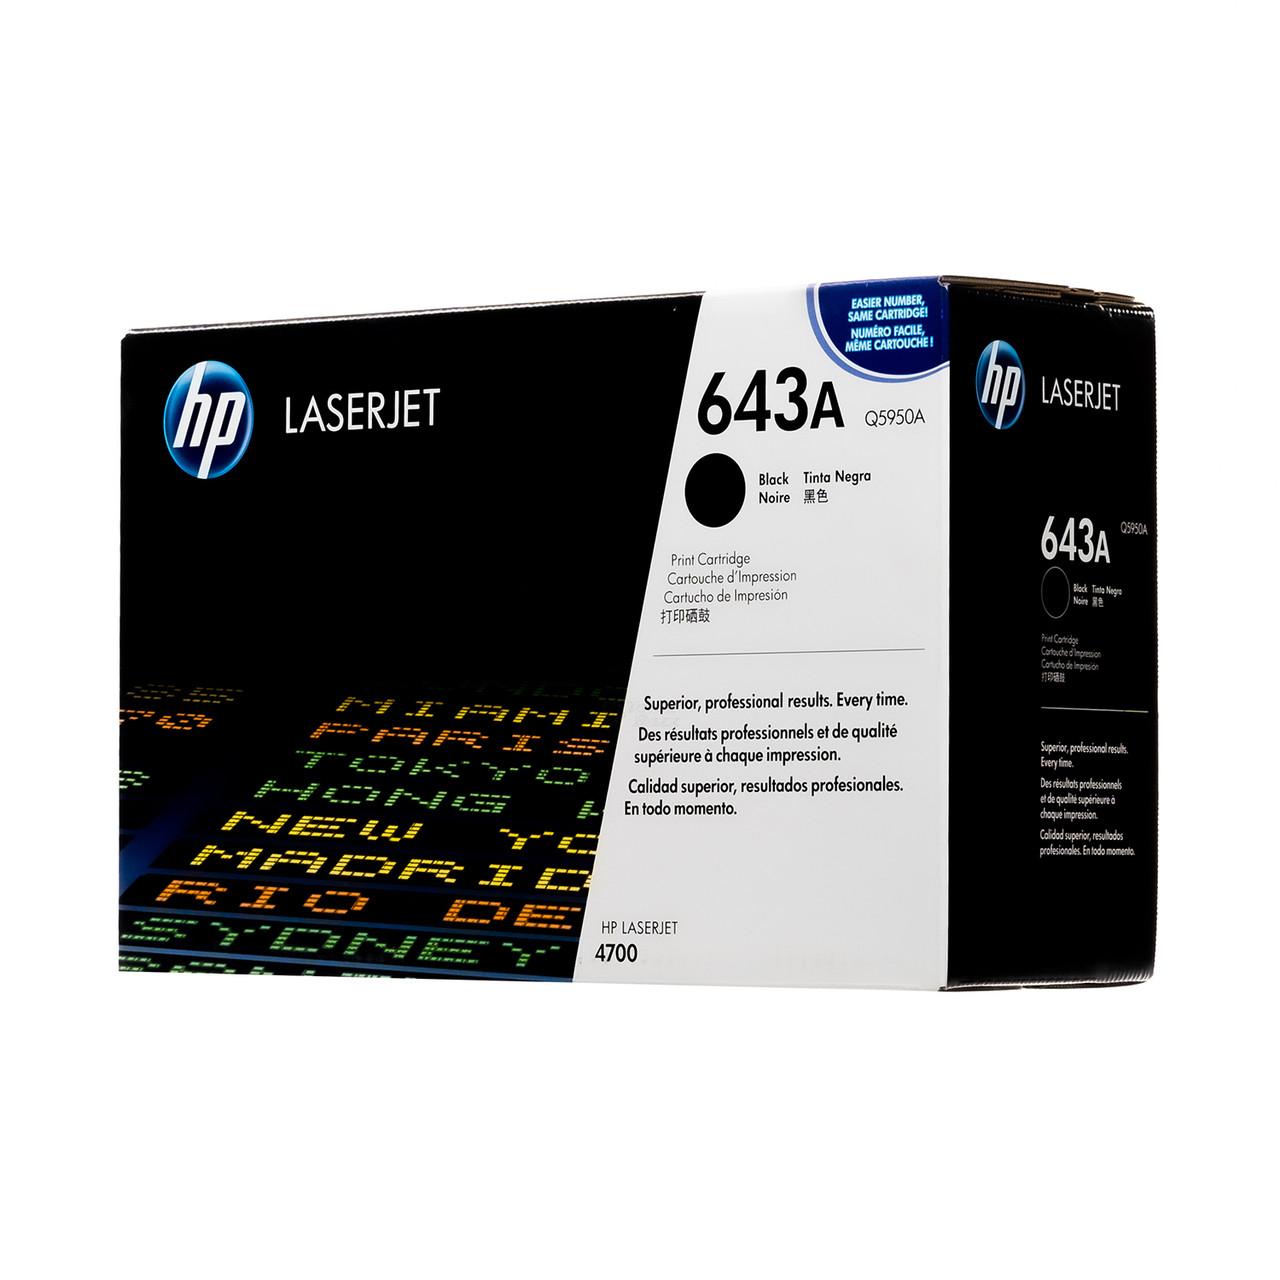 Nj Sales Tax Calculator >> Original HP 643A Q5950A Black LaserJet Toner Cartridge - Toner Buzz